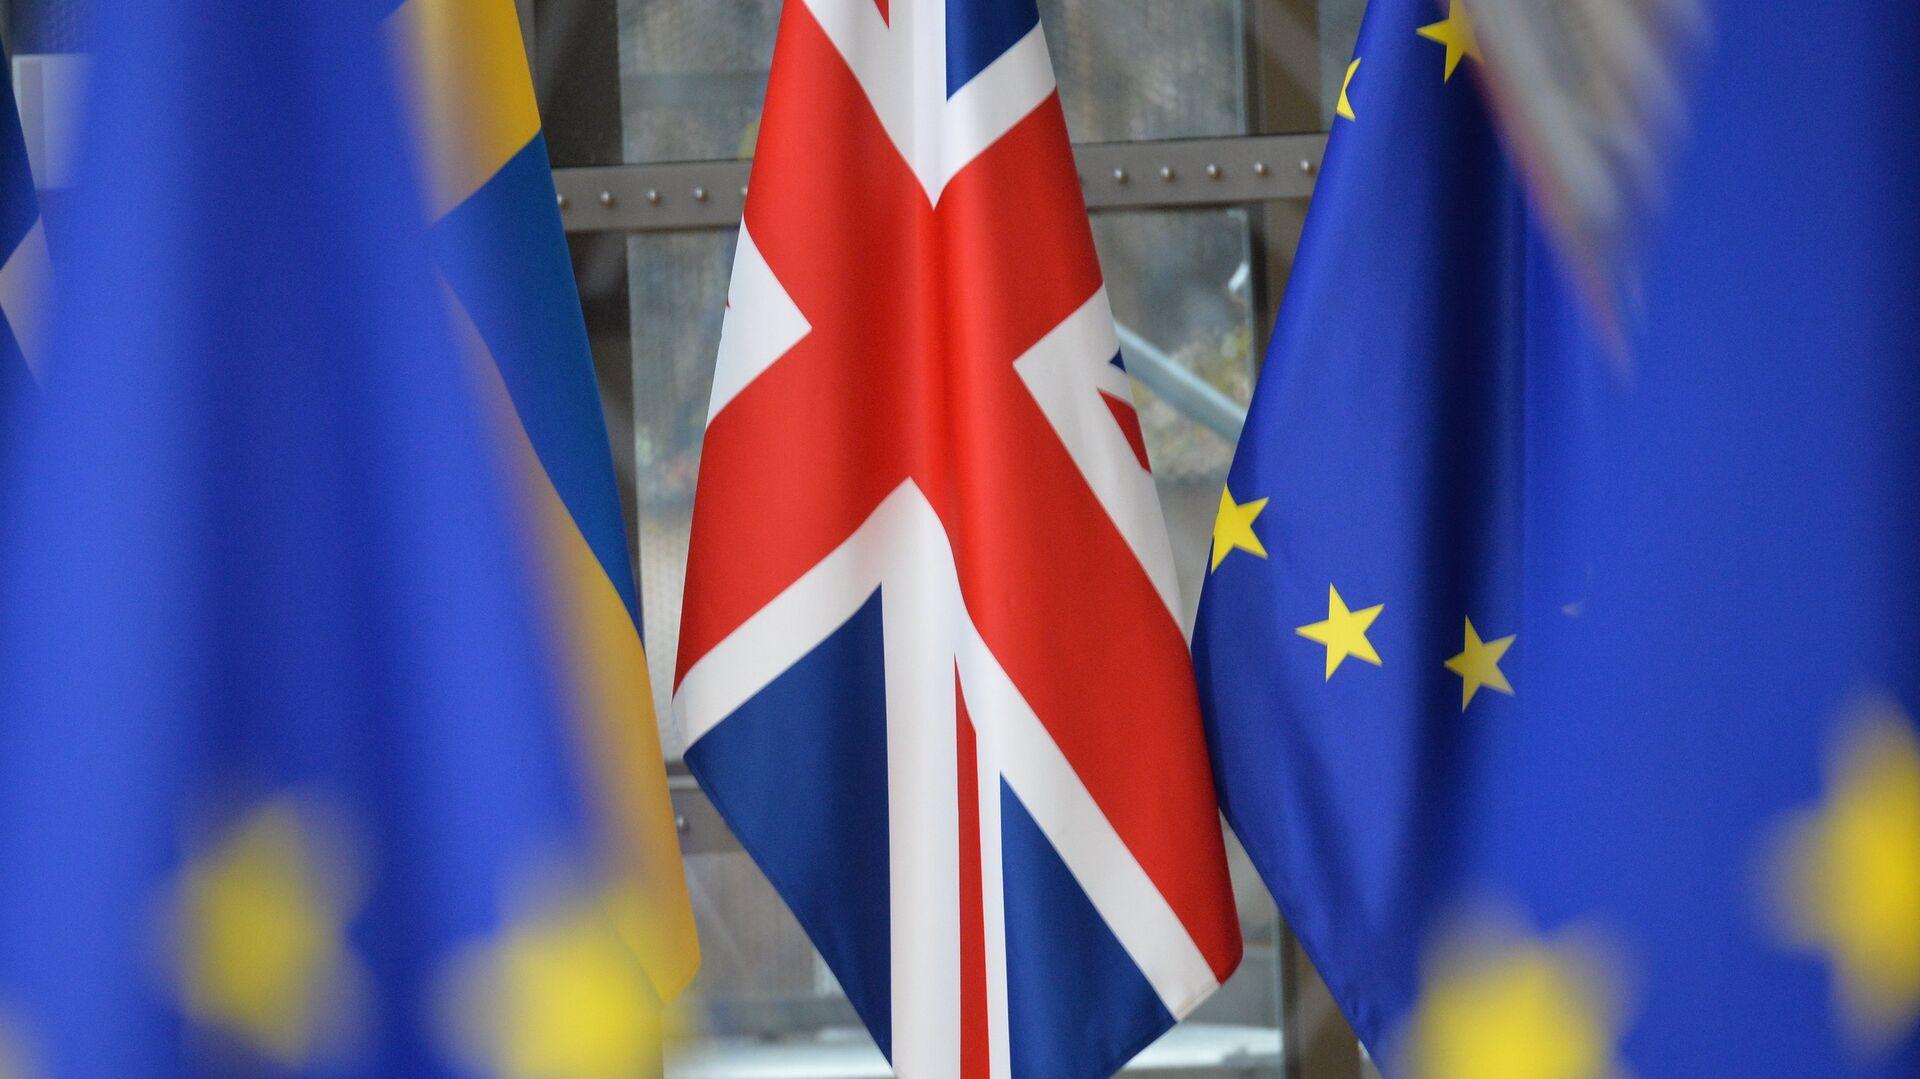 Banderas del Reino Unido y la UE - Sputnik Mundo, 1920, 28.04.2021